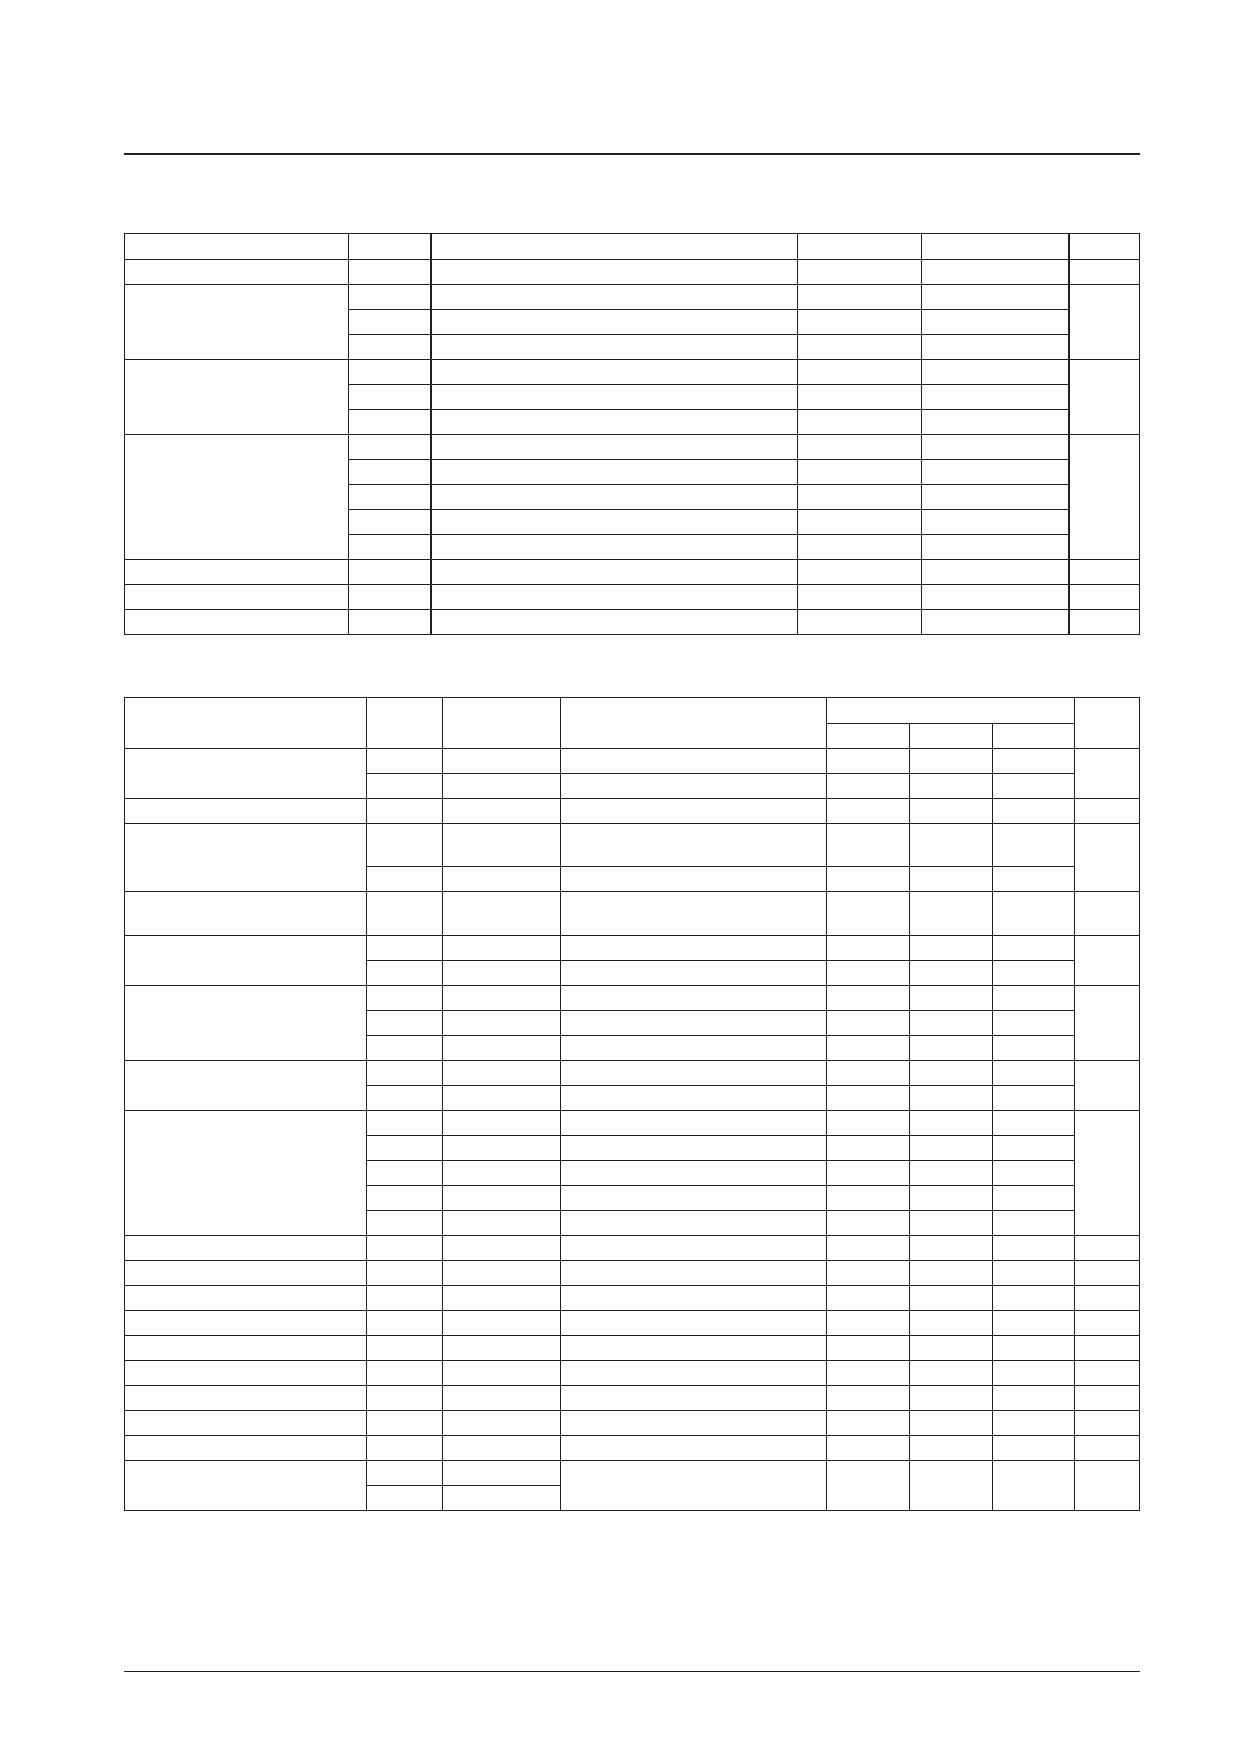 LC72147V pdf, ピン配列